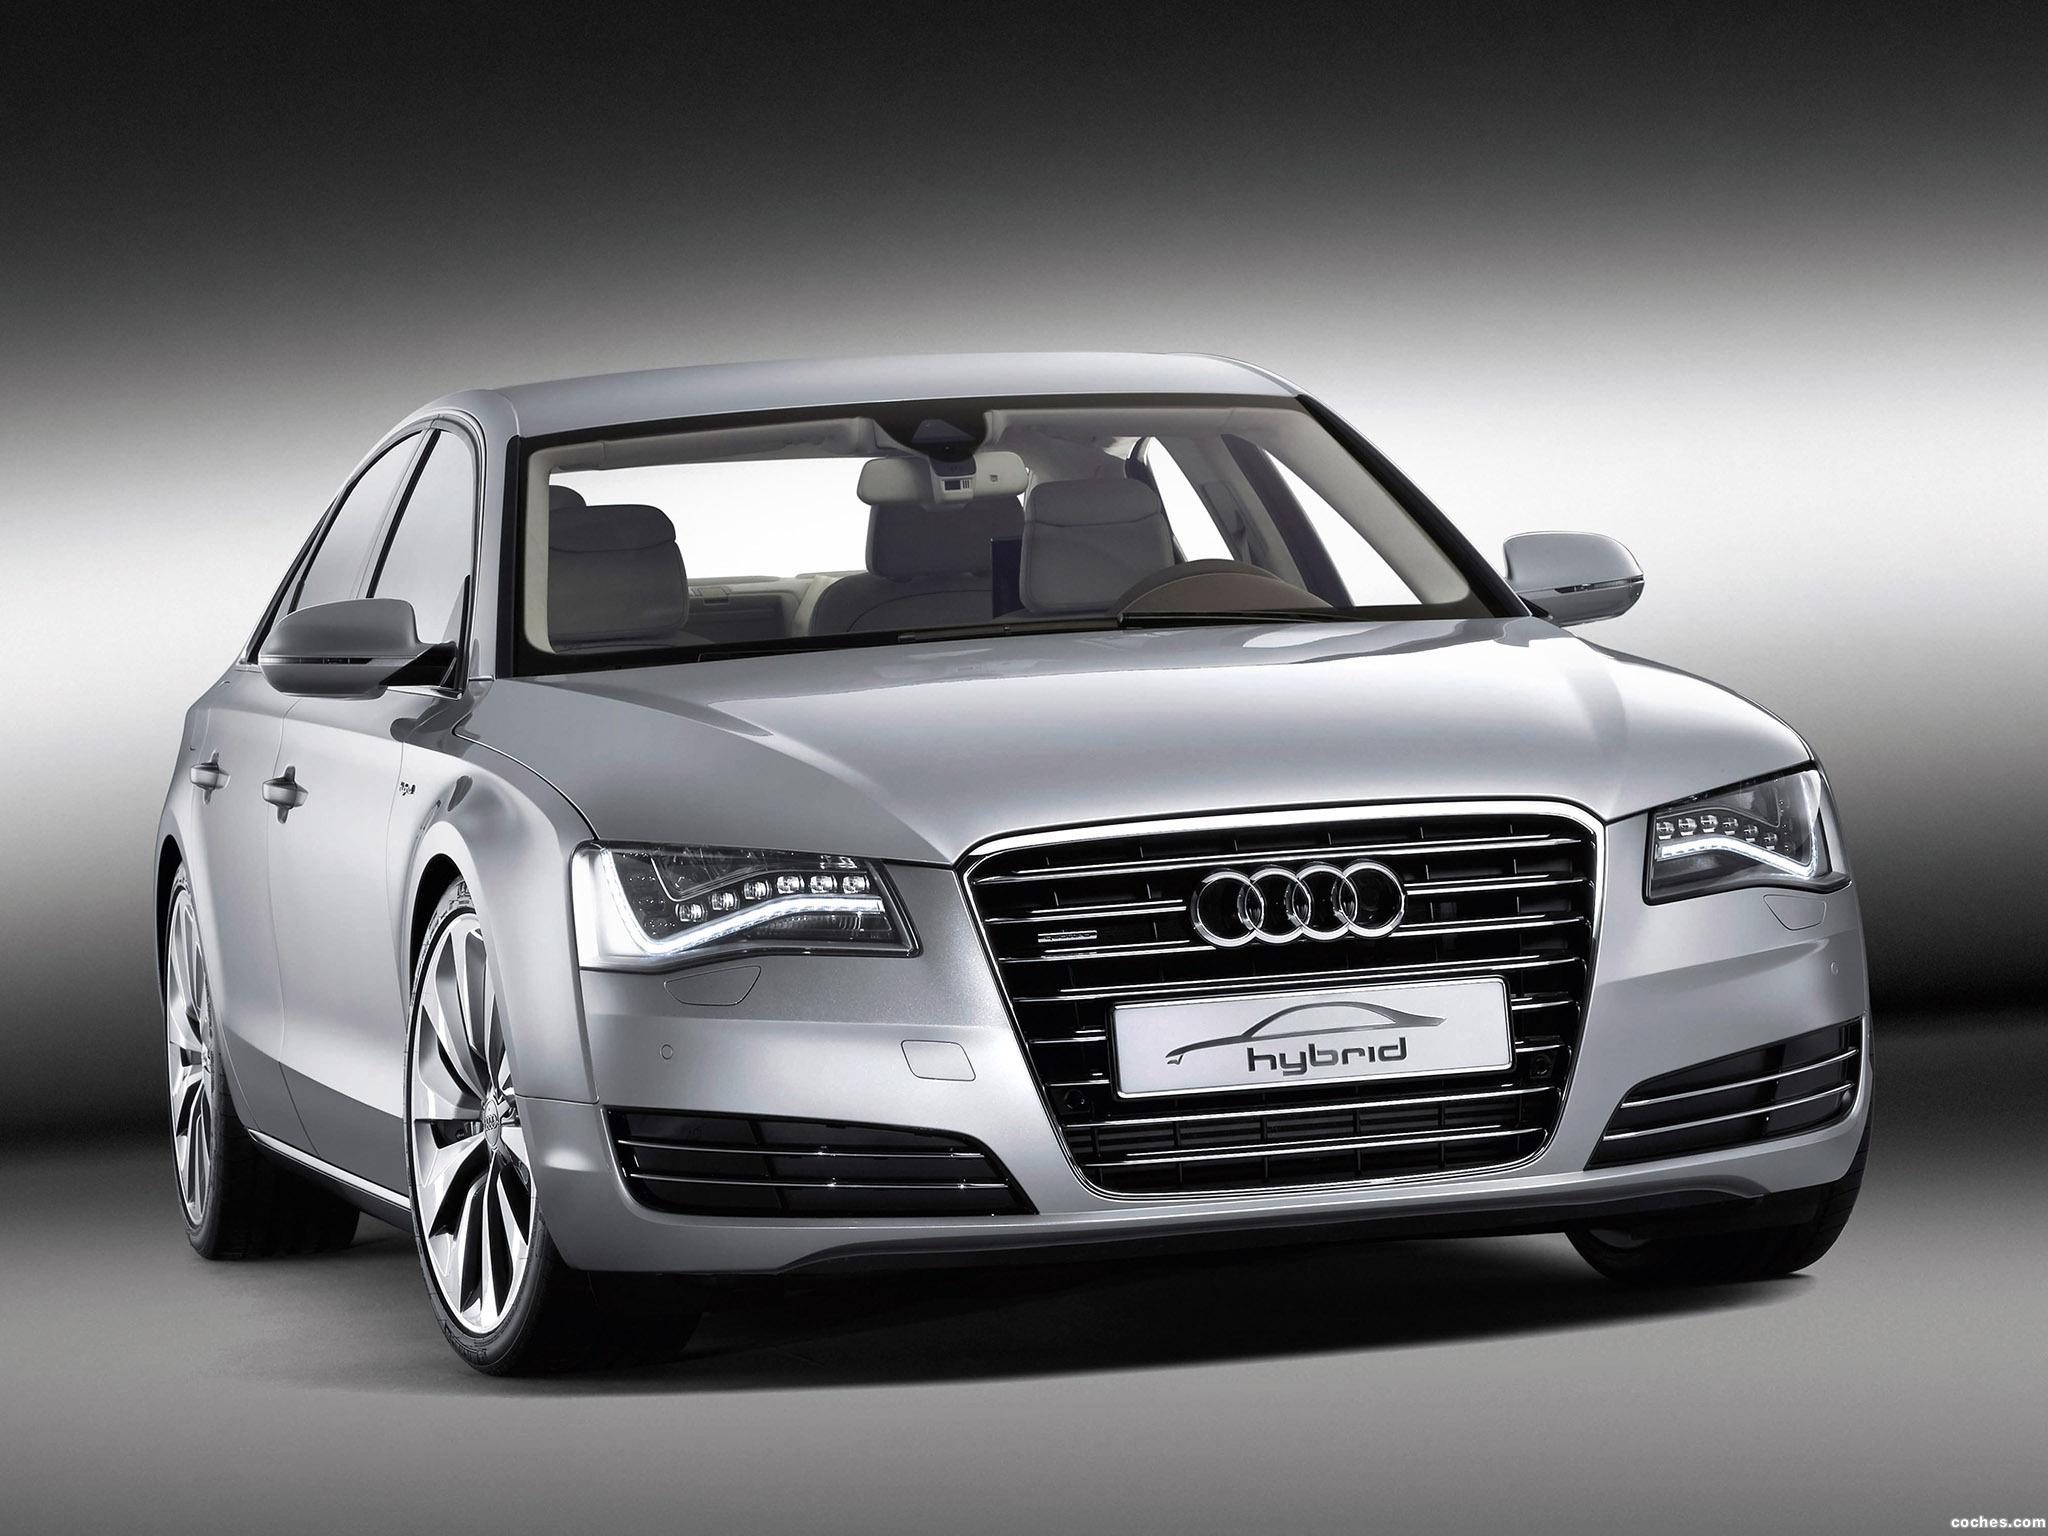 Foto 0 de Audi A8 Hybrid 2010